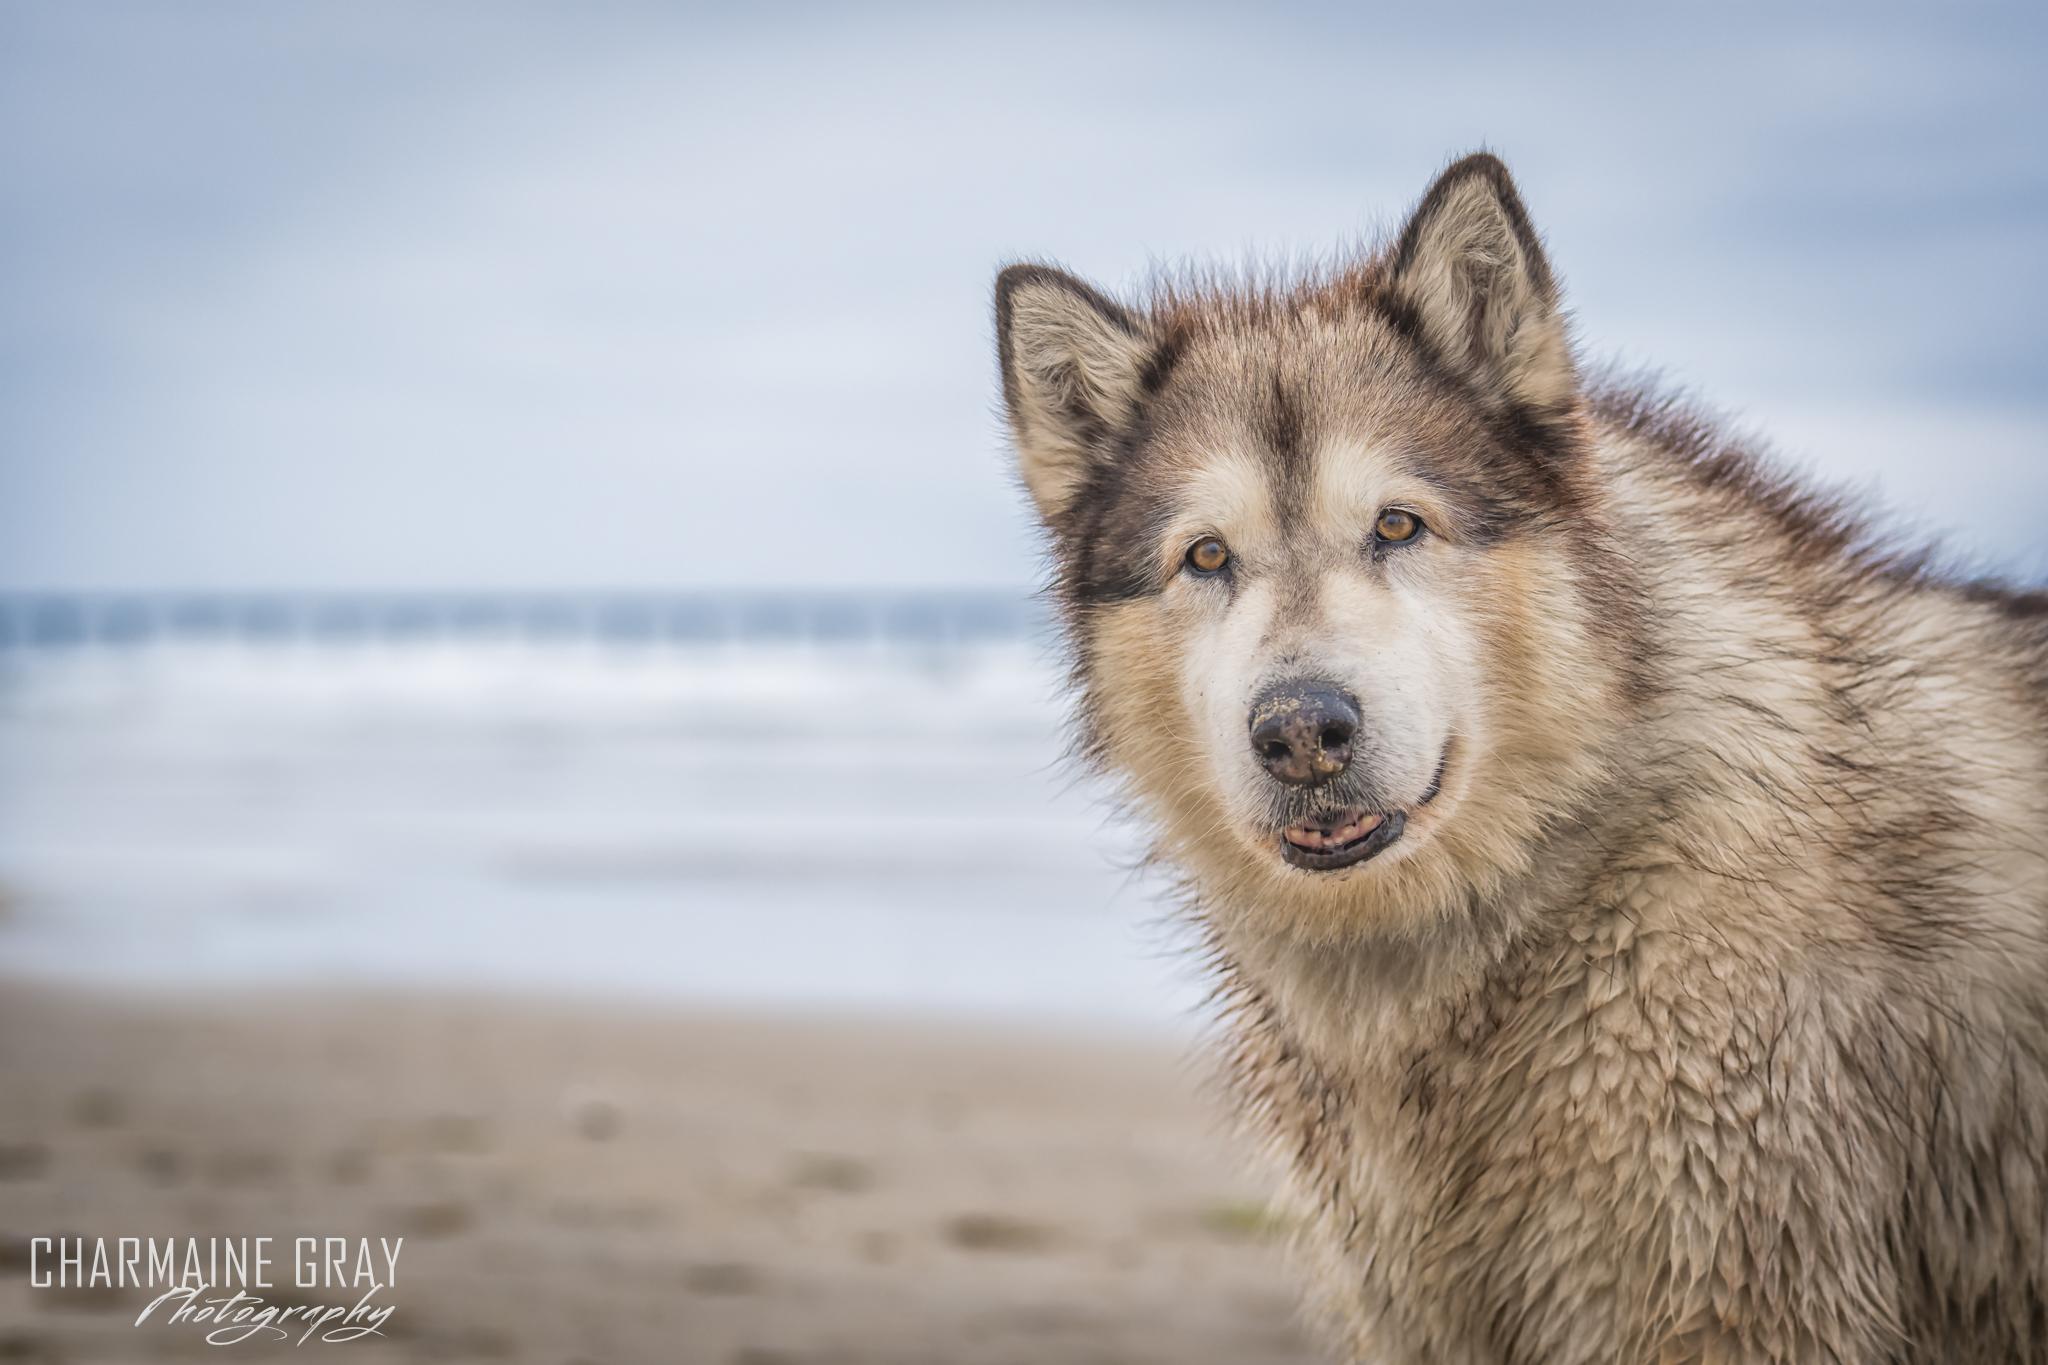 pet photographer, pet photography, pet portrait, pet, animal, charmaine gray photography, charmaine gray pet photography, san diego,malamute